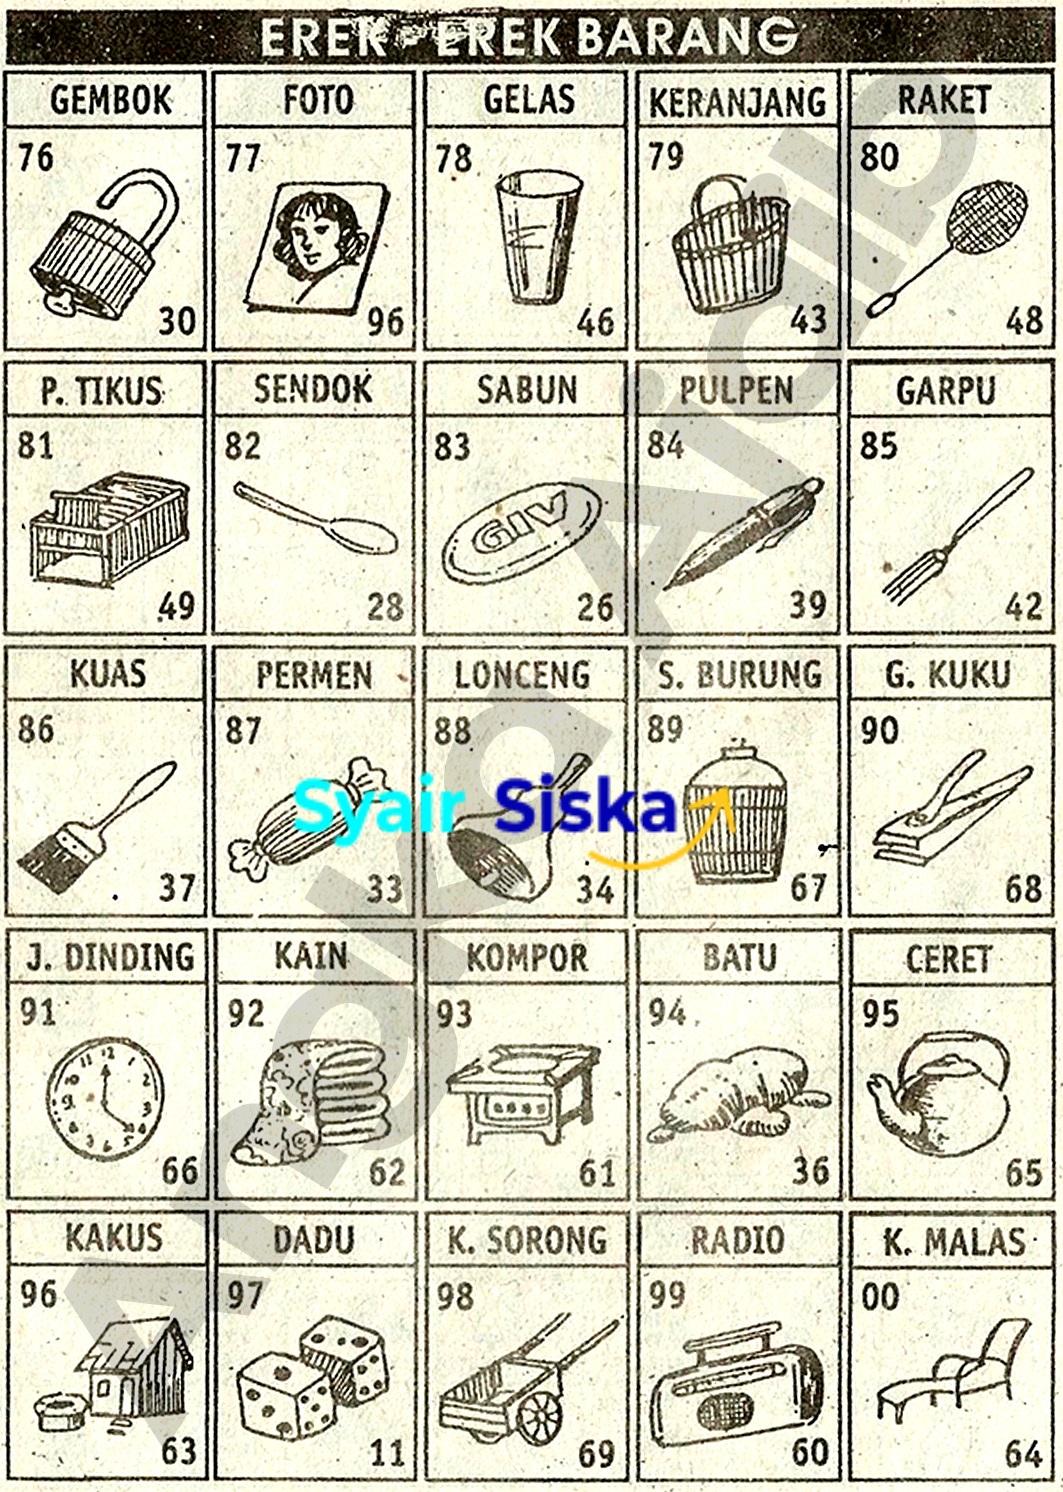 Erek Barang Togel 2D 01 sampai 25